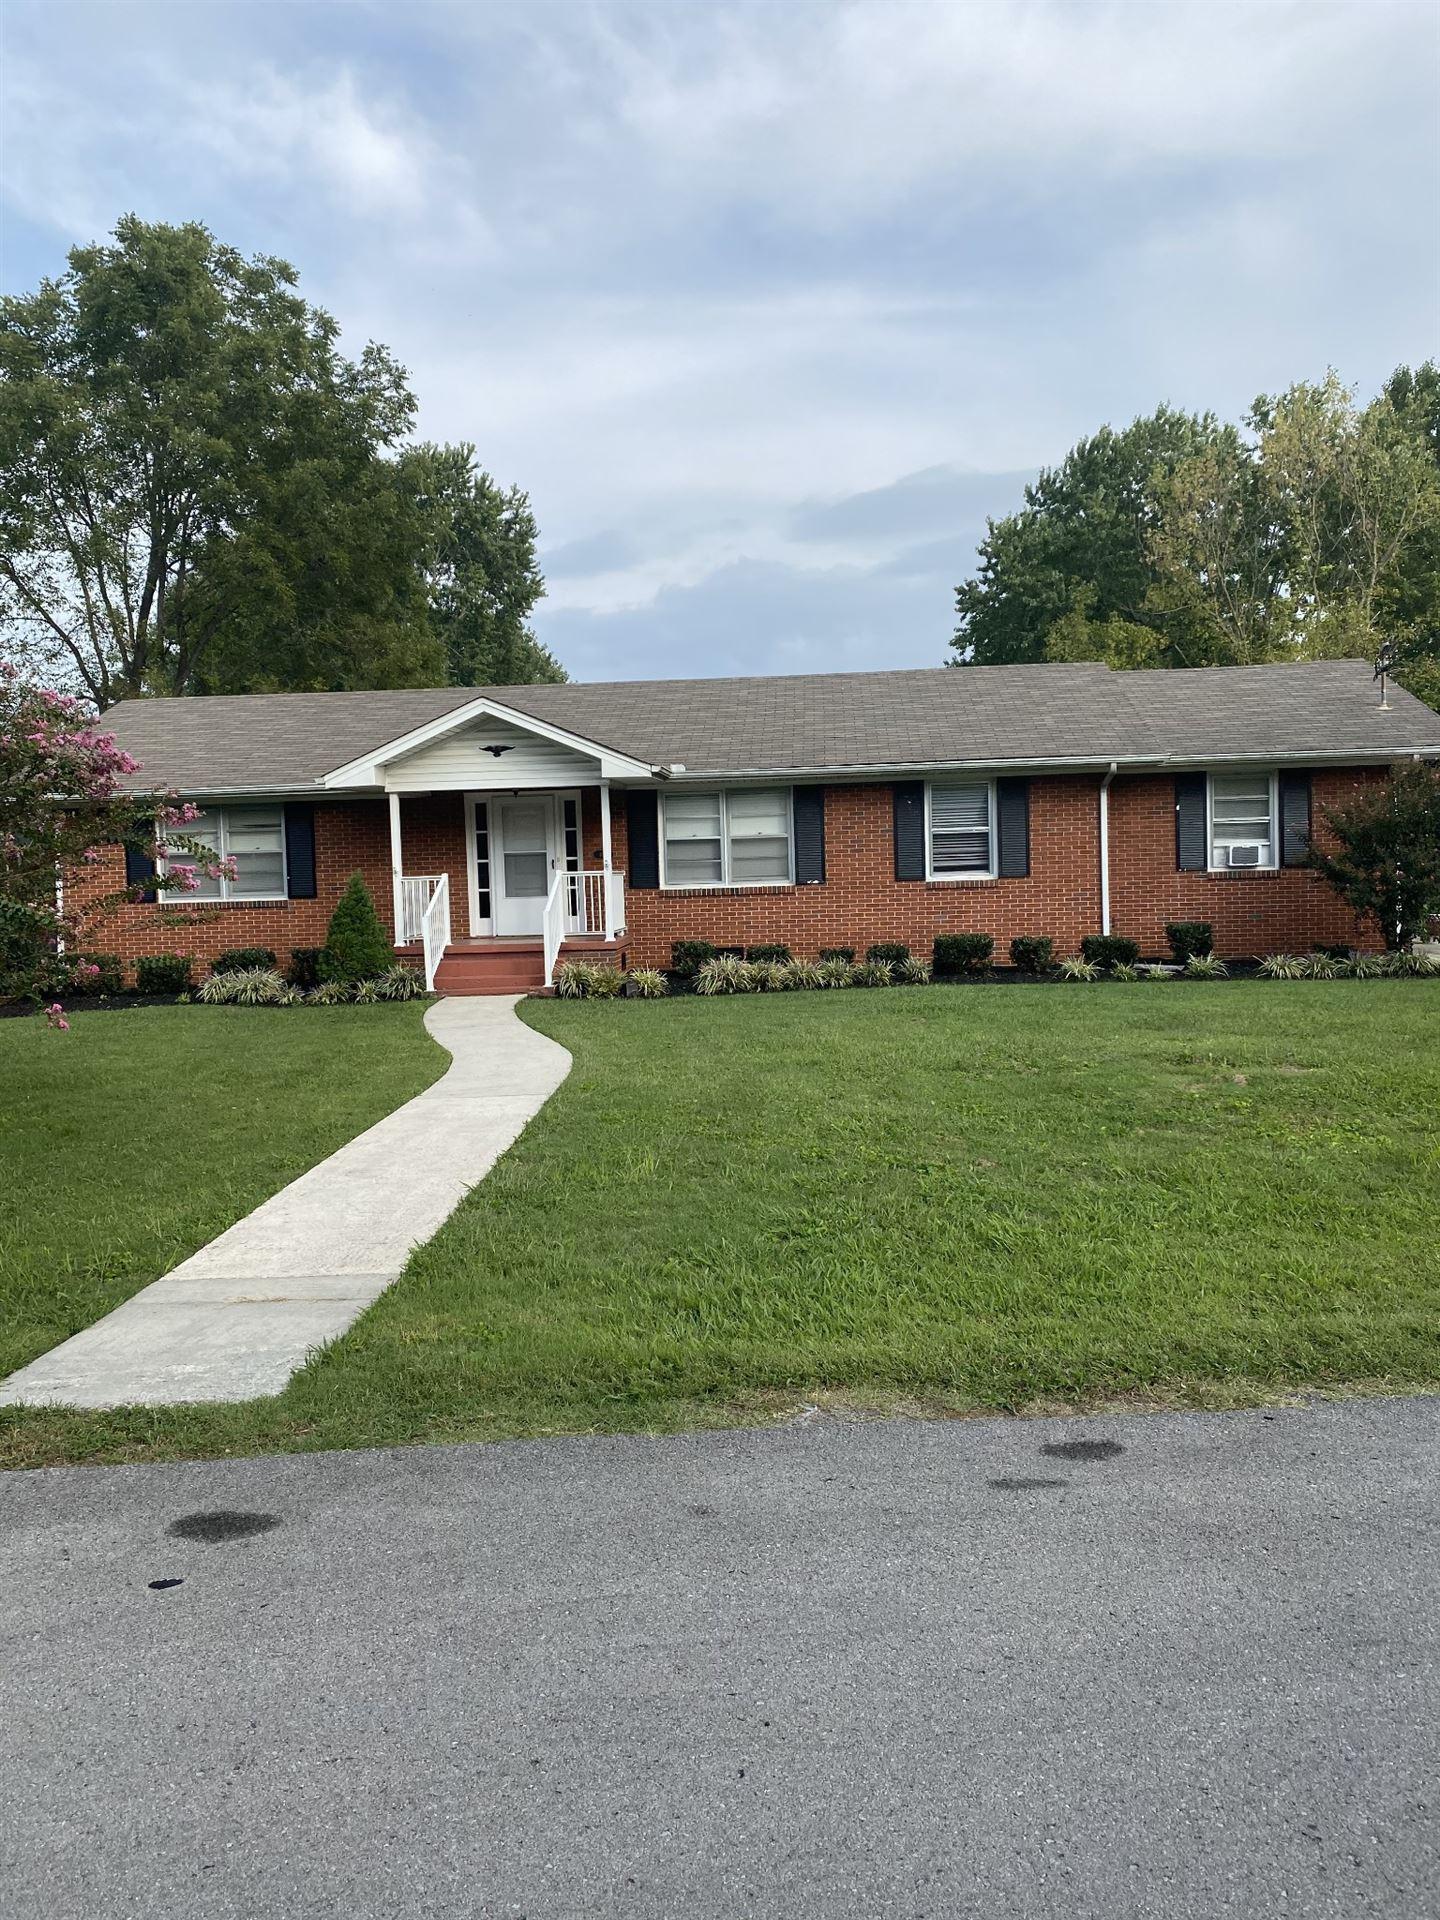 419 Gwynn Ave, Murfreesboro, TN 37130 - MLS#: 2192343